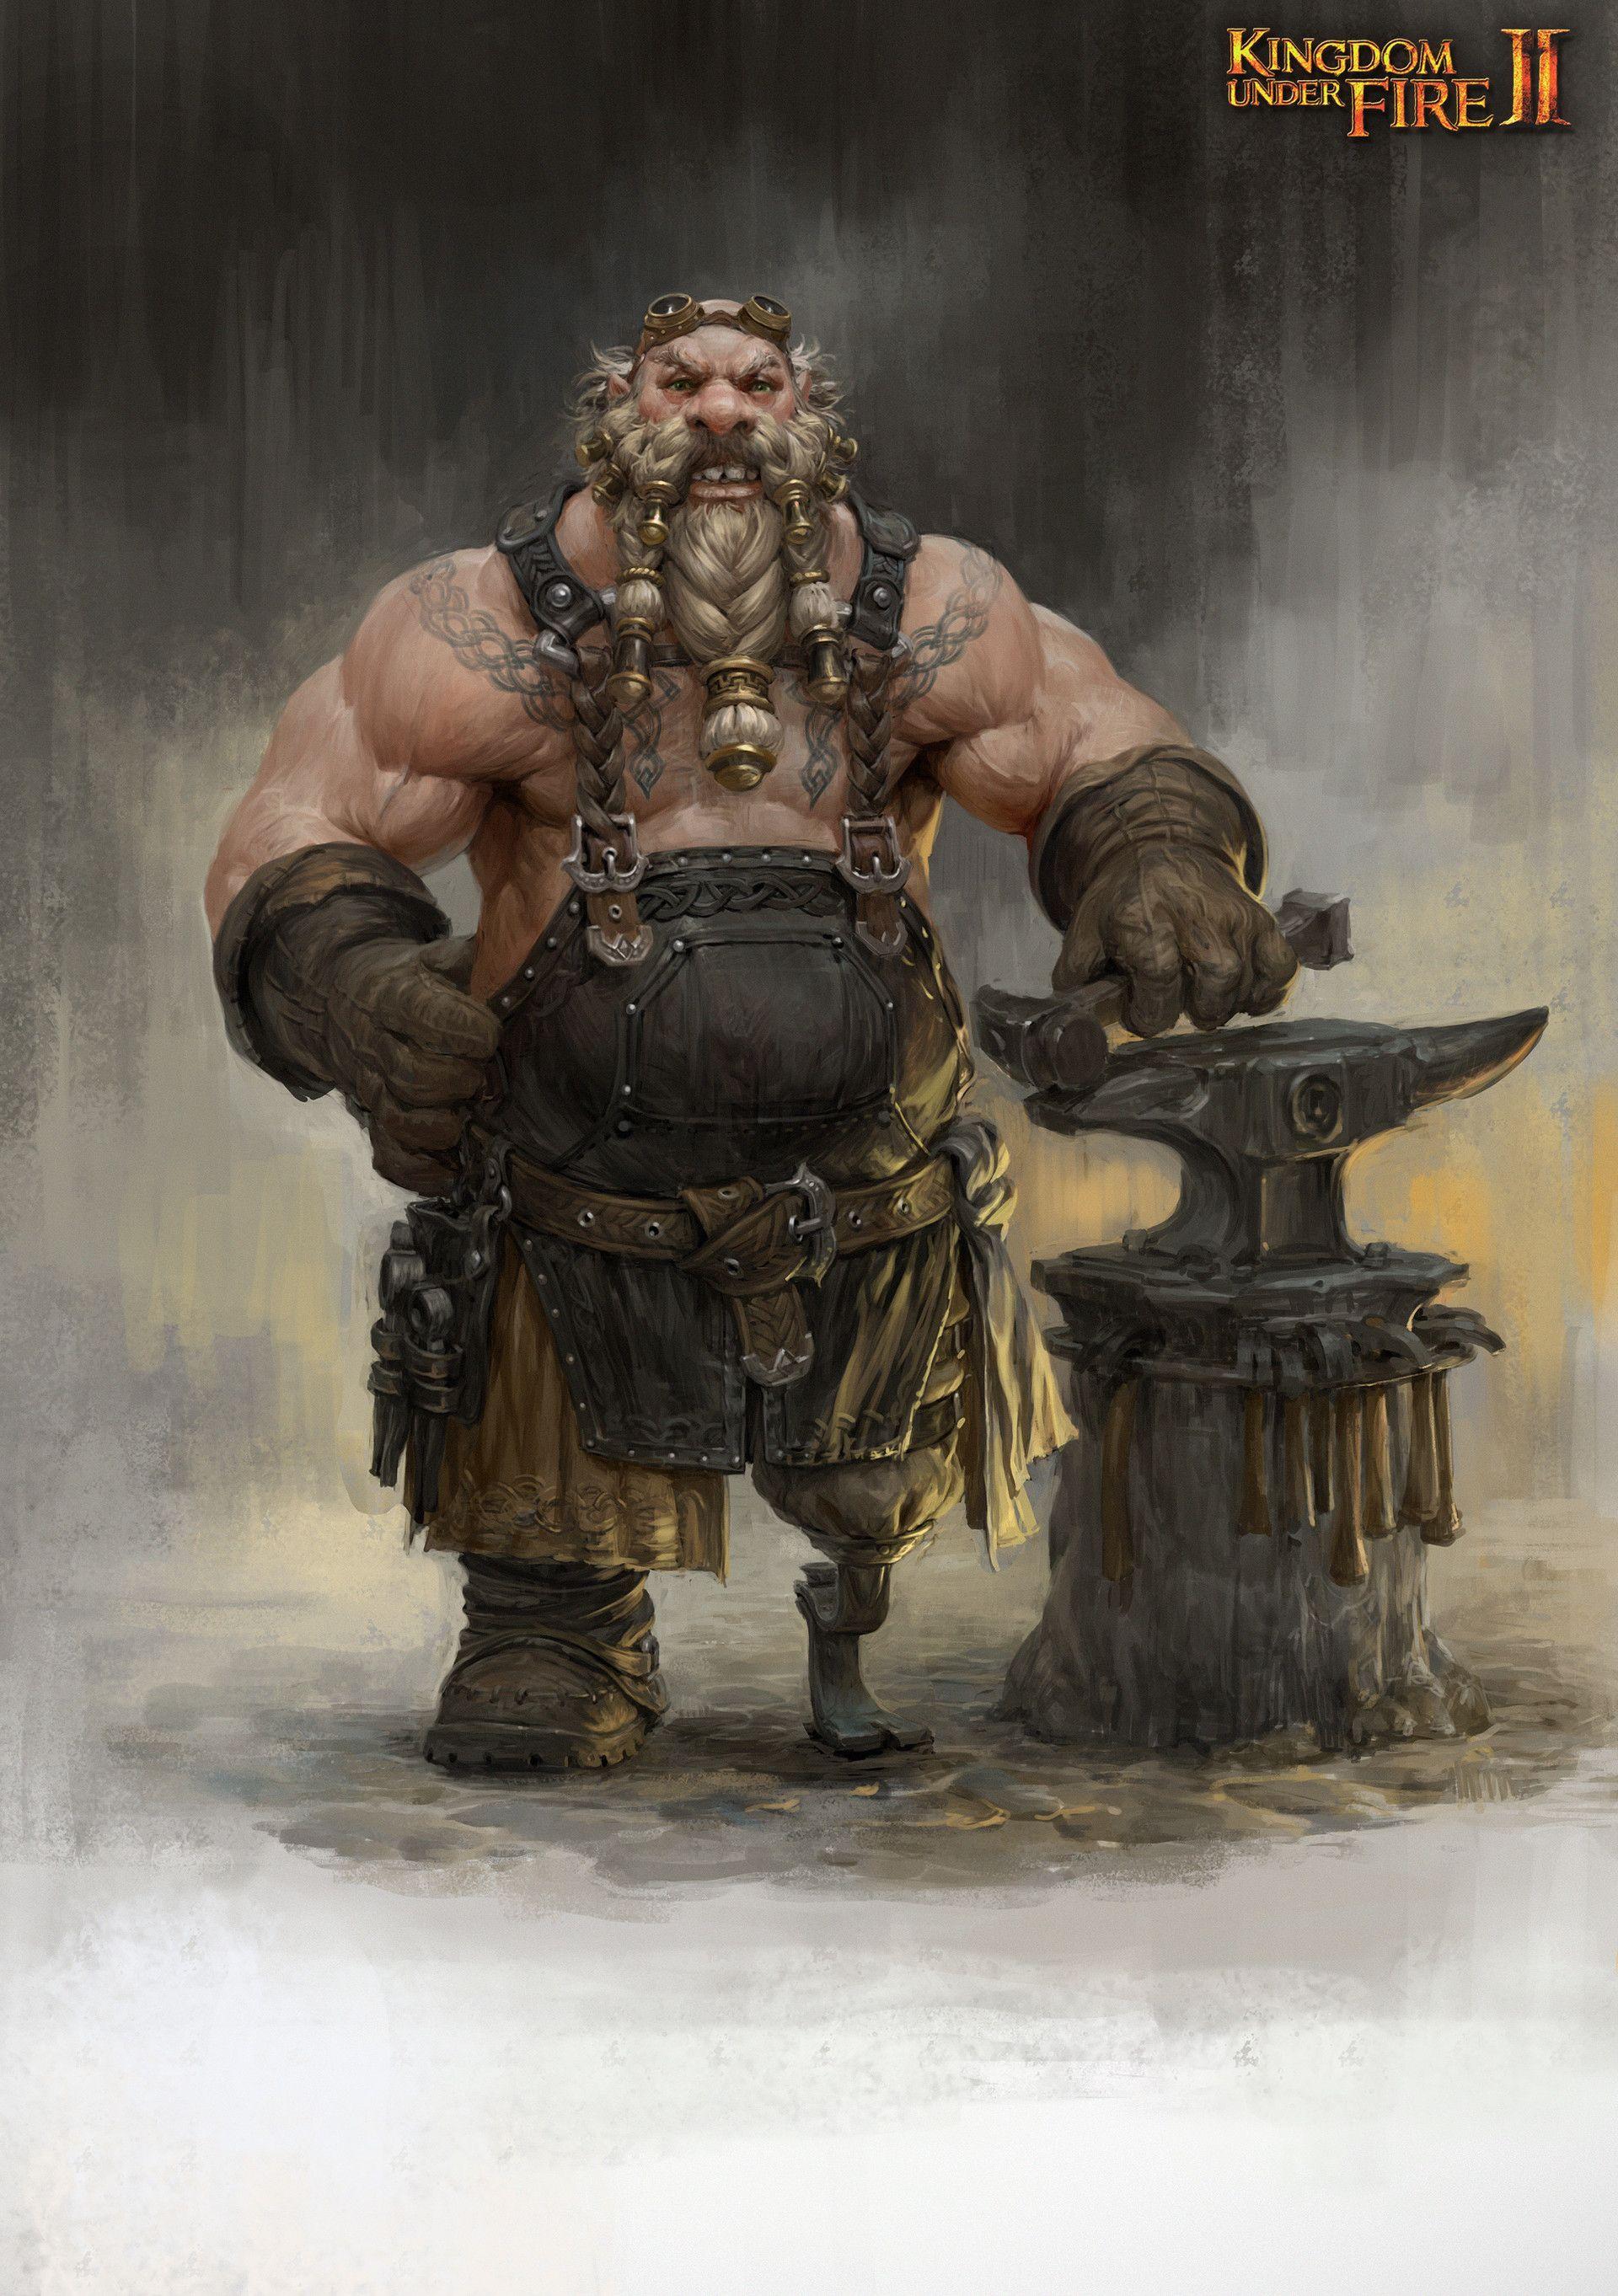 Dwarf Kingdom - Year of Clean Water